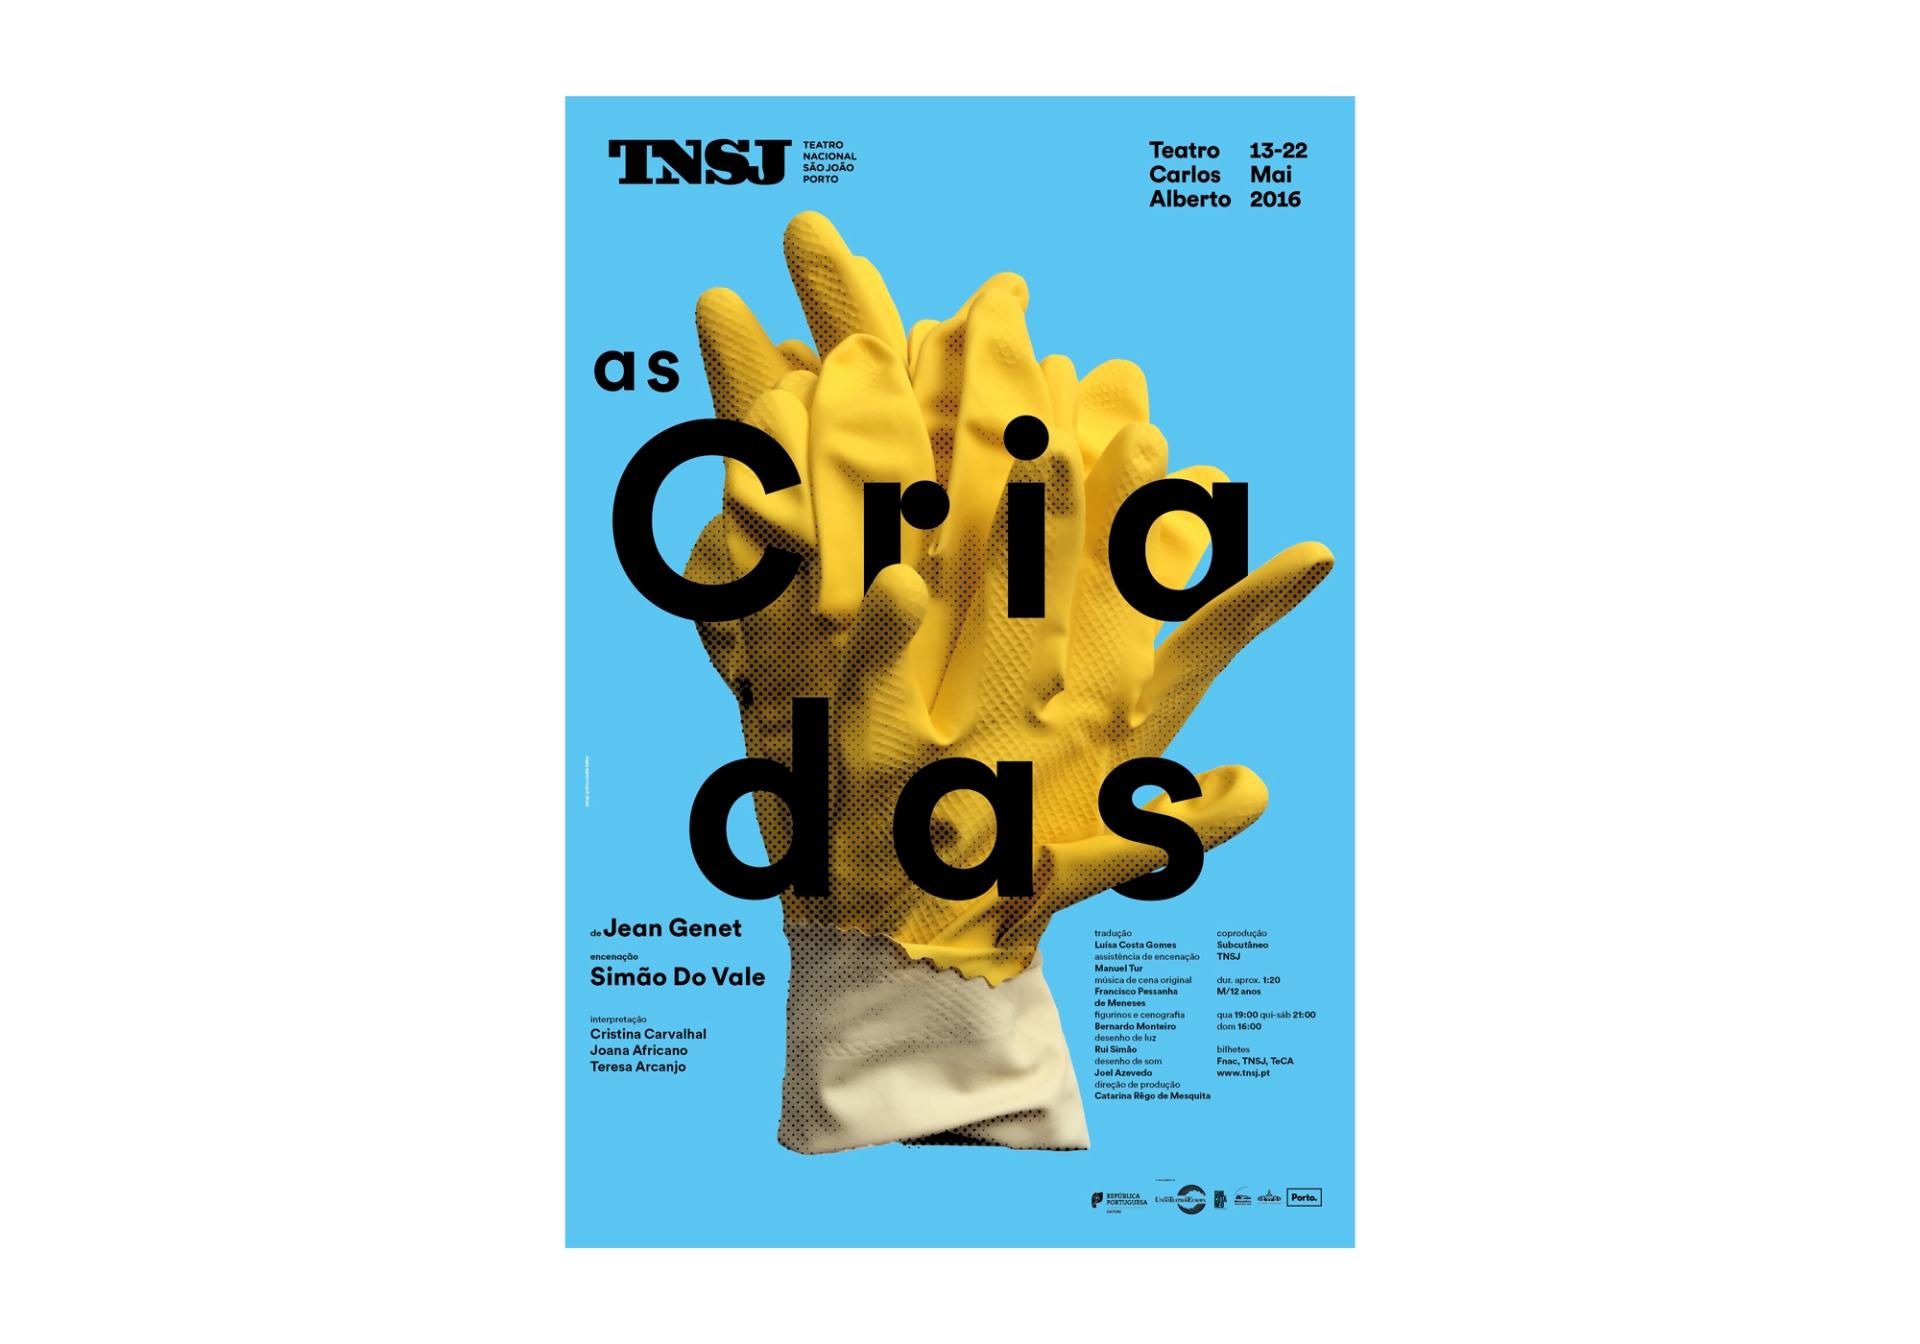 São João National Theatre Posters 2015-2016 Image:3 dobra-tnsj-Criadas